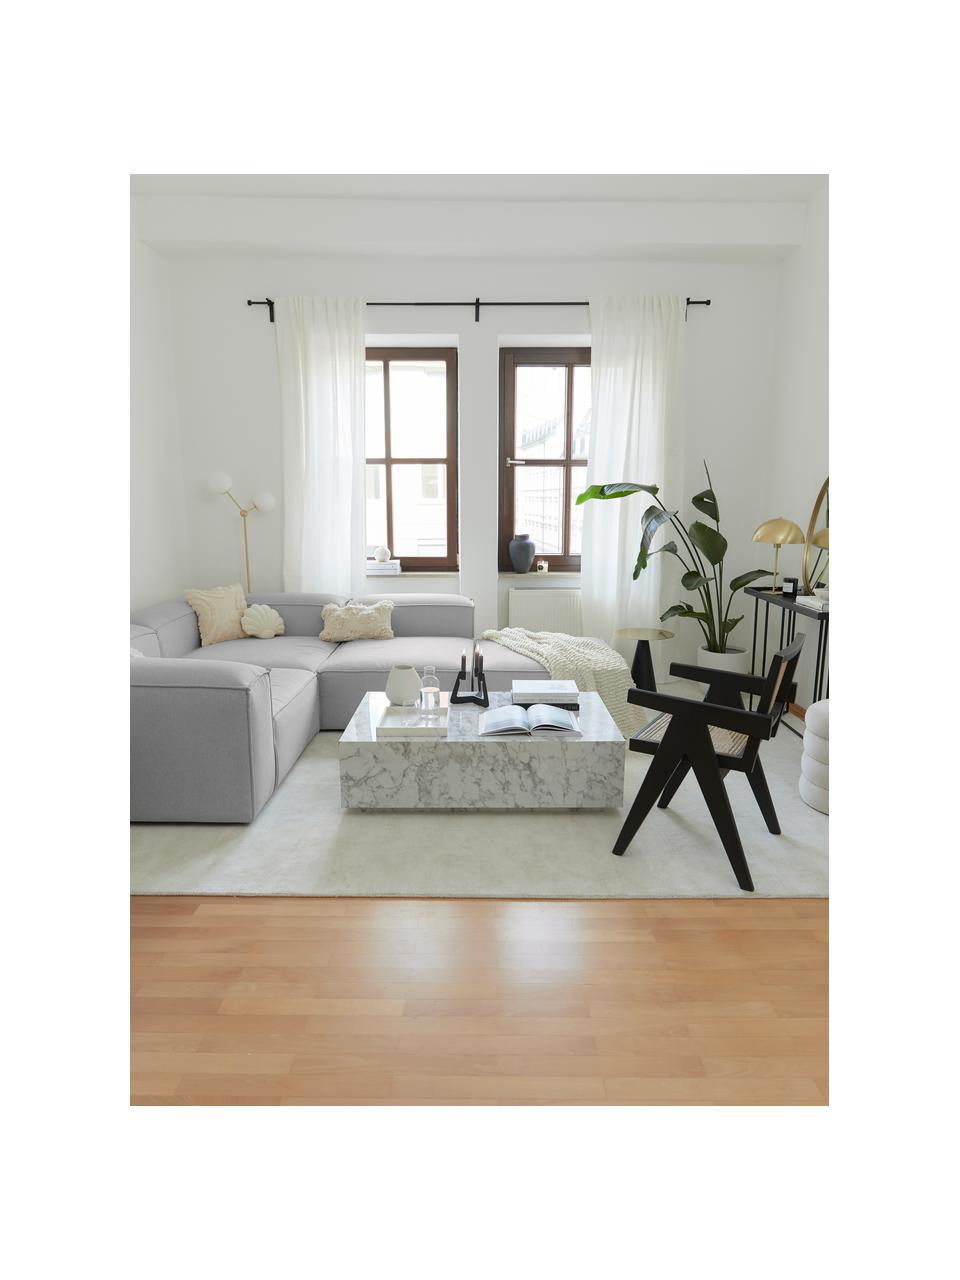 Modulaire hoekbank Lennon, Bekleding: polyester, Frame: massief grenenhout, multi, Poten: kunststof, Lichtgrijs, B 327 x D 207 cm